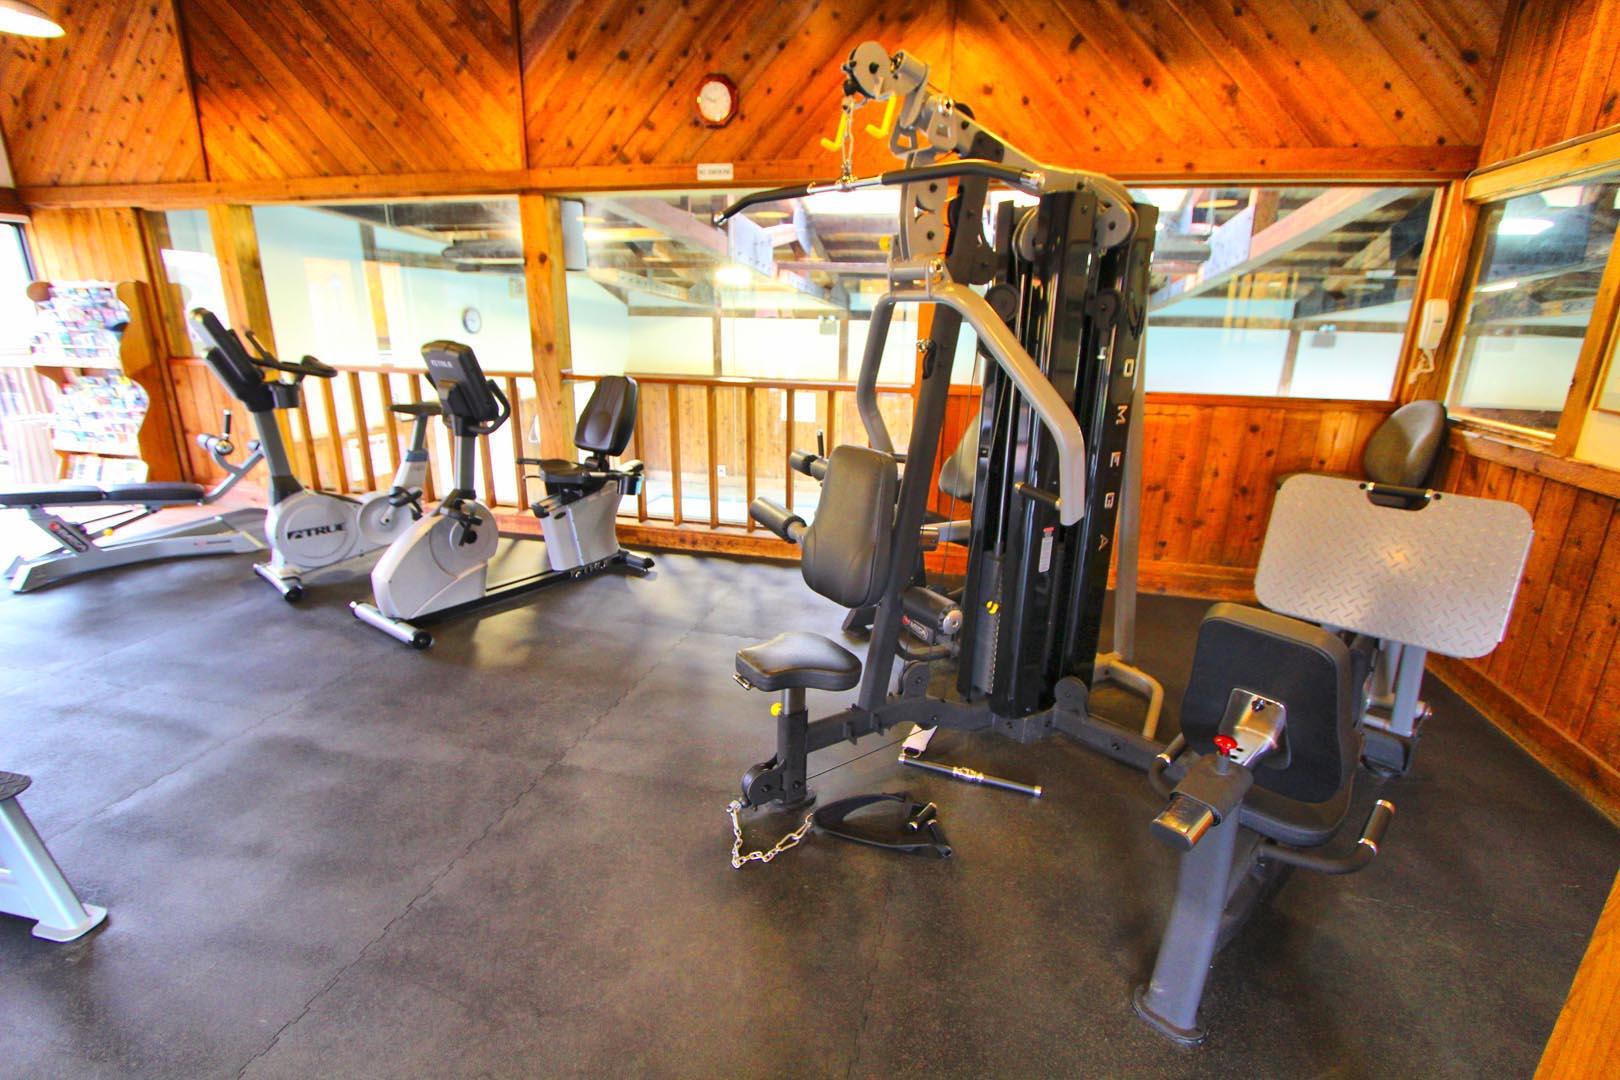 Mountainside Resort At Stowe Gym